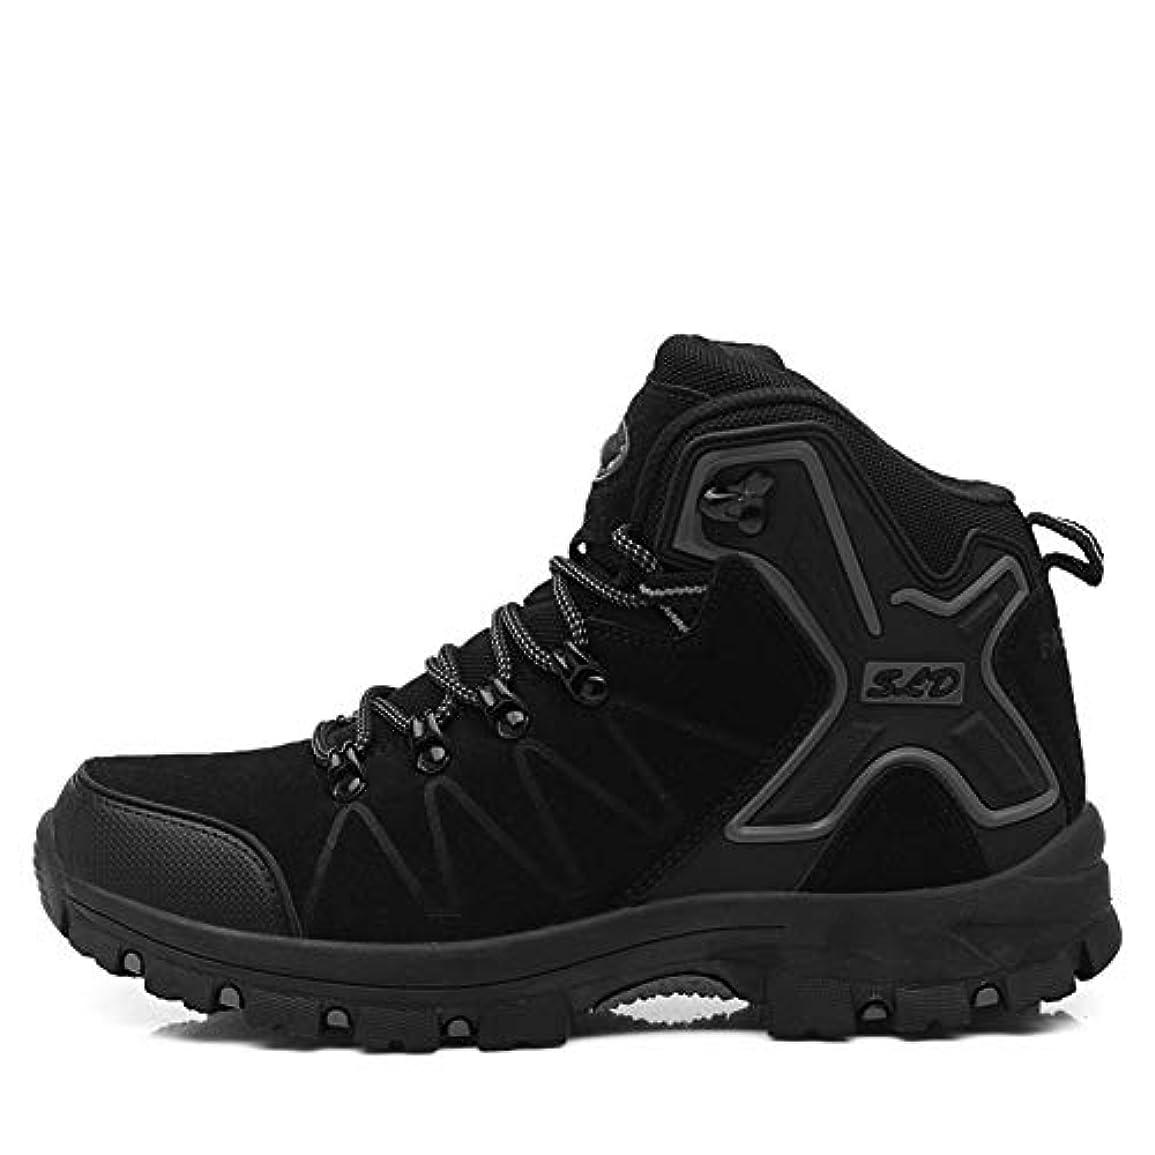 どこか統治するこする[TcIFE] トレッキングシューズ メンズ 防水 防滑 ハイカット 登山靴 大きいサイズ ハイキングシューズ メンズ 耐磨耗 ハイキングシューズ メンズ 通気性 スニーカー